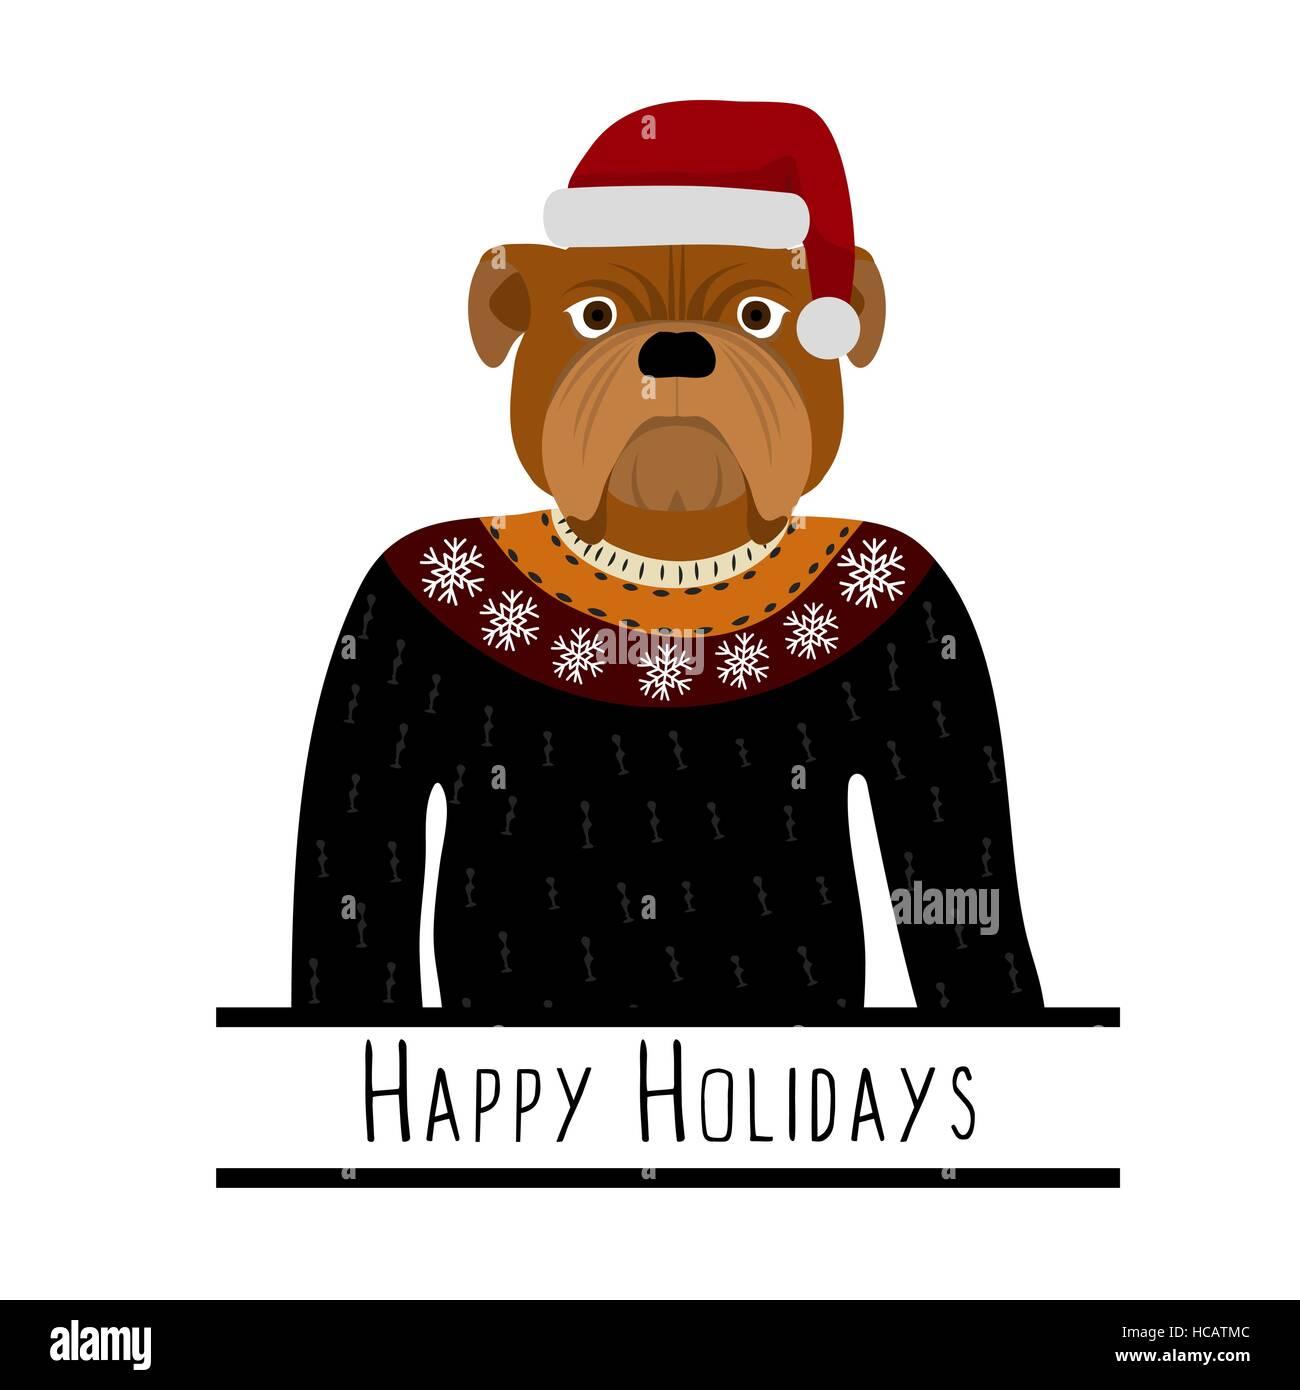 Saluto con sfondo Bulldog inglese. Un cane con un cappello di Babbo Natale.  Design piatto. Il Pet. Doggie carino. Cartoni animati 59c962773490